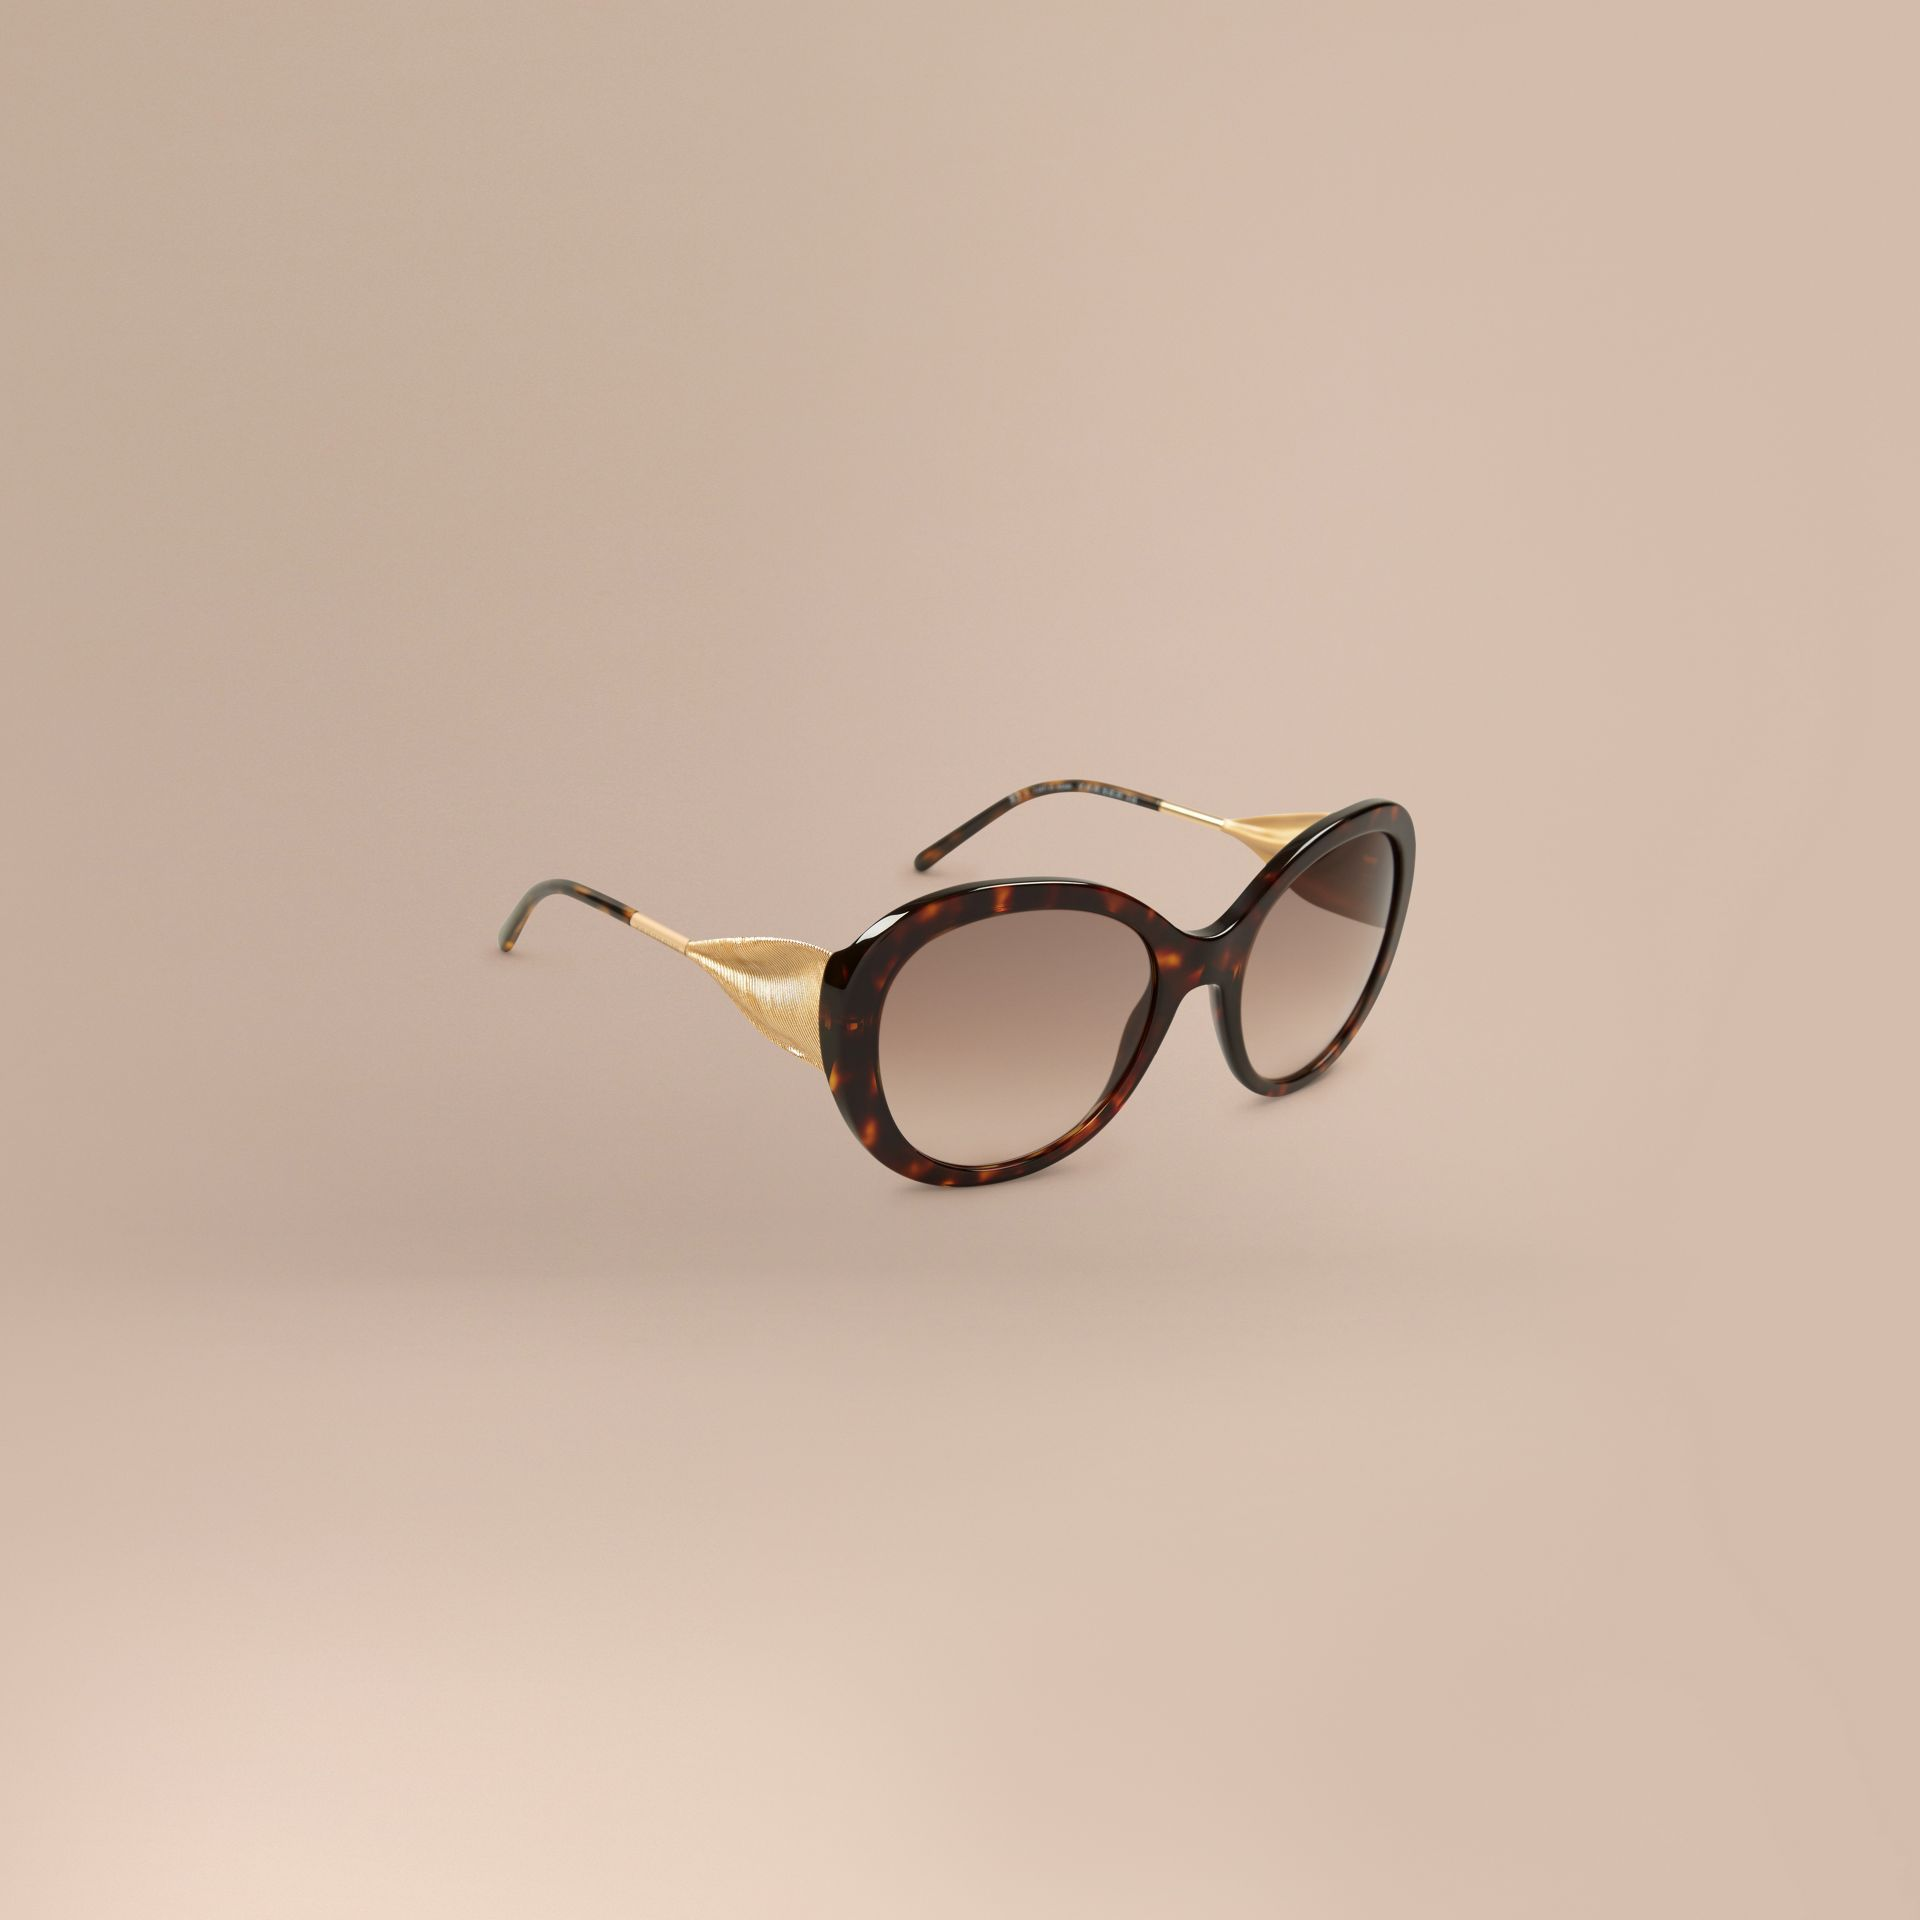 Ebano Occhiali da sole oversize con montatura tonda Ebano - immagine della galleria 1